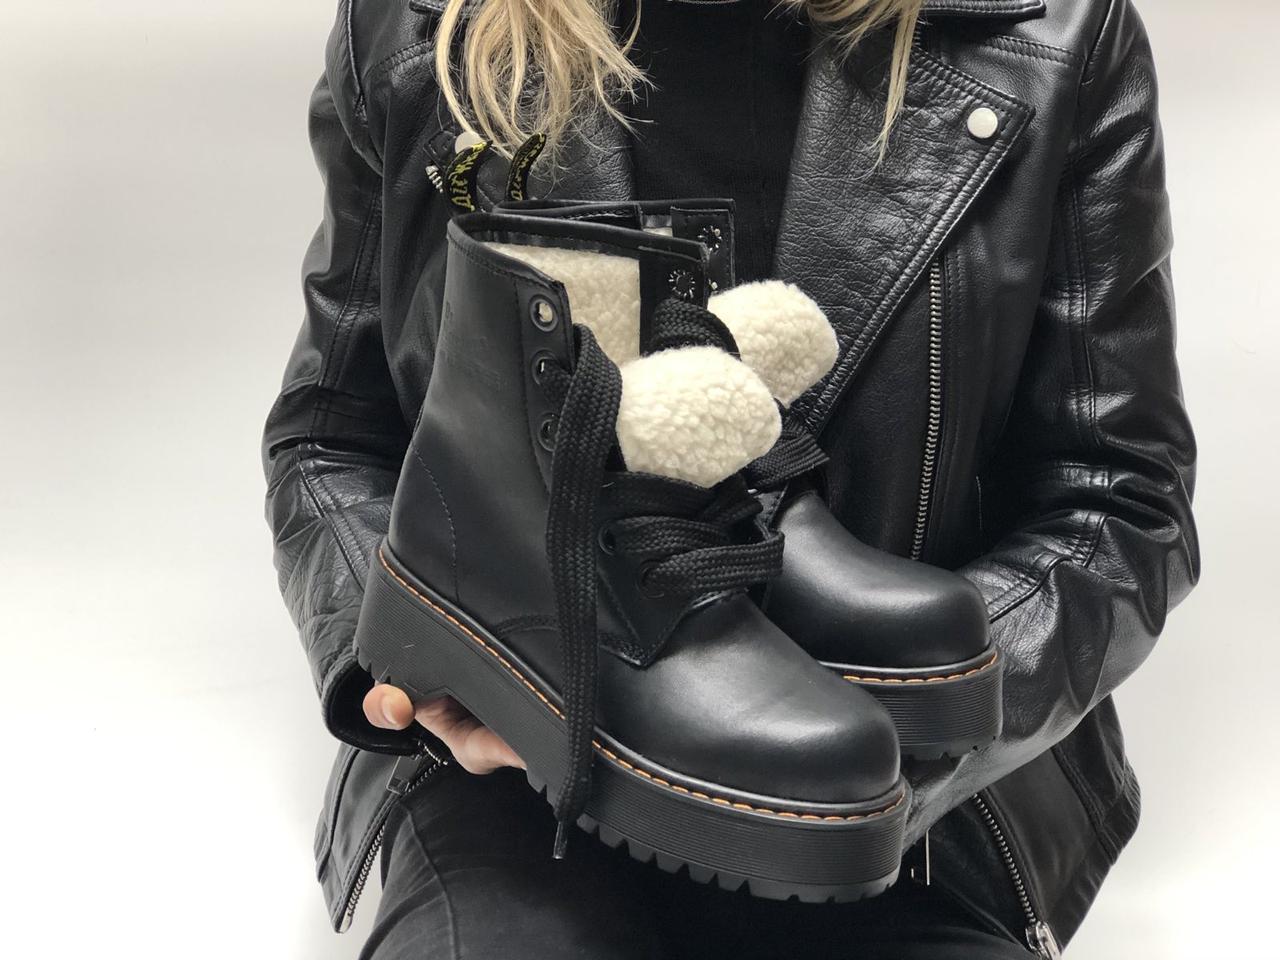 Женские ботинки Dr.Martens  JADON MOLLY кожа, ЗИМА черные. ТОП Реплика ААА класса.